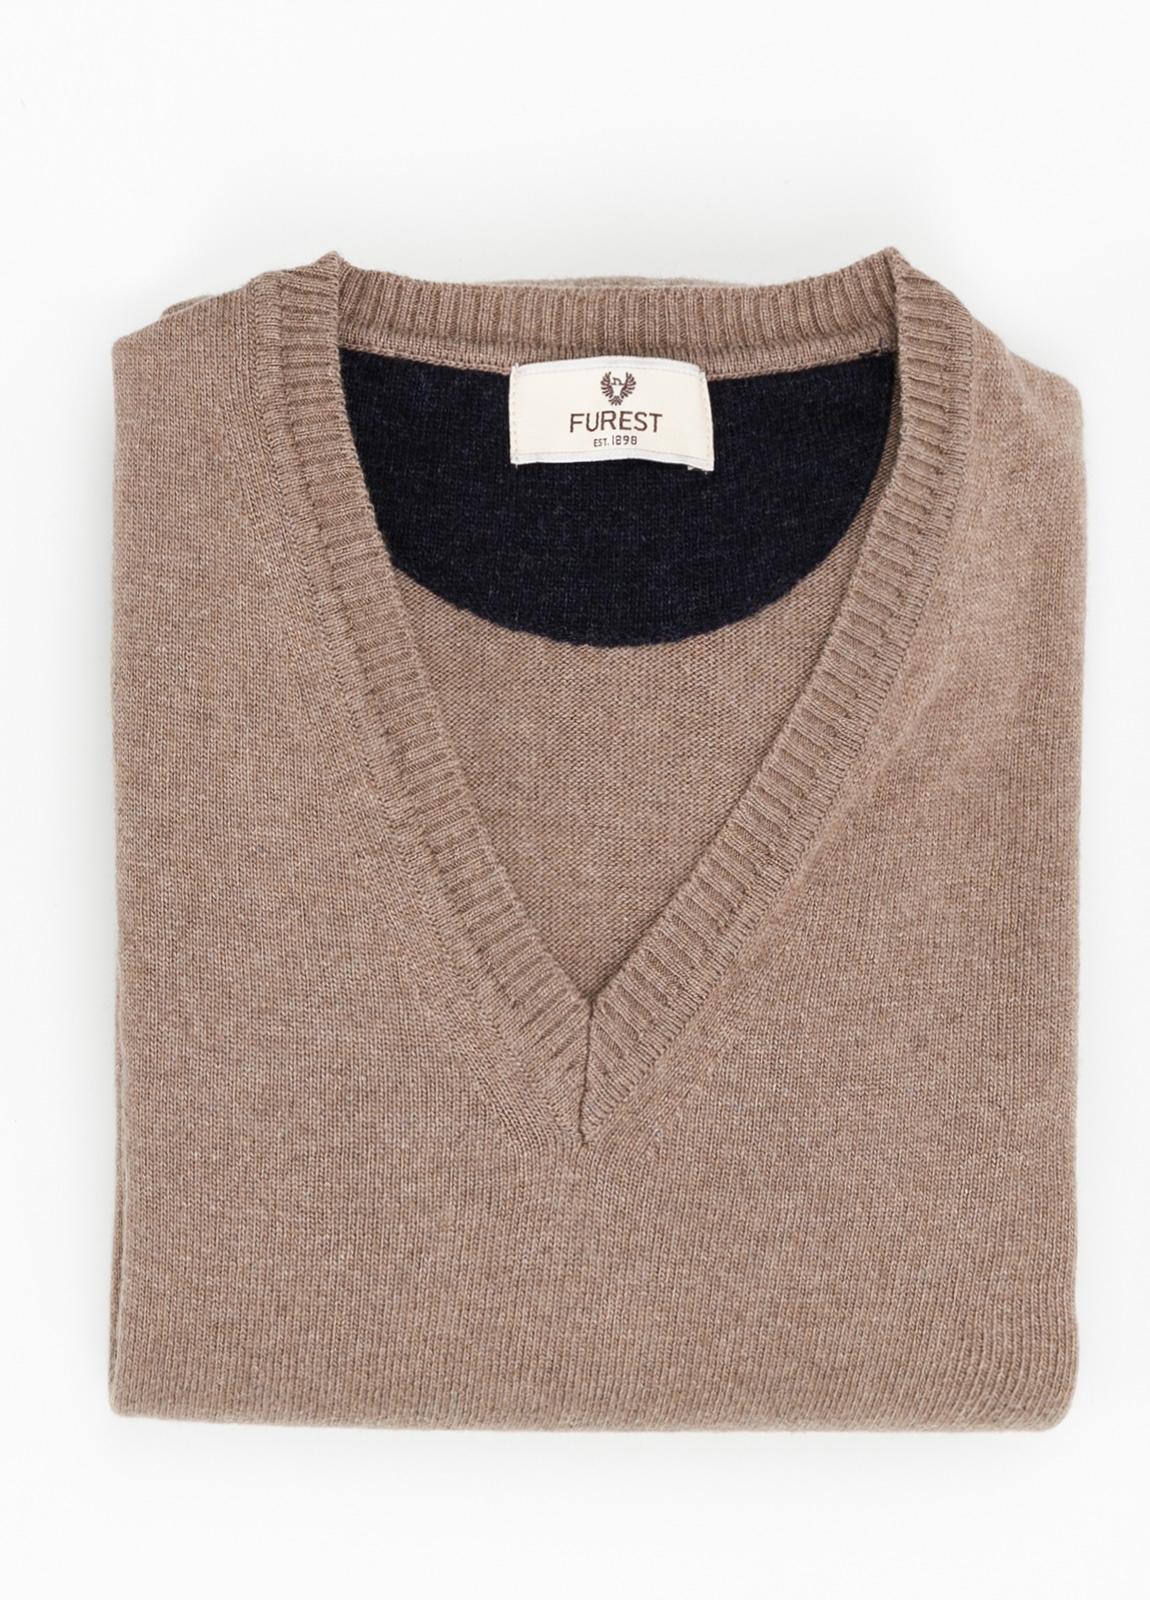 Jersey liso cuello pico color marron, 40% lana merino, 20% viscosa, 10% cachemire - Ítem1